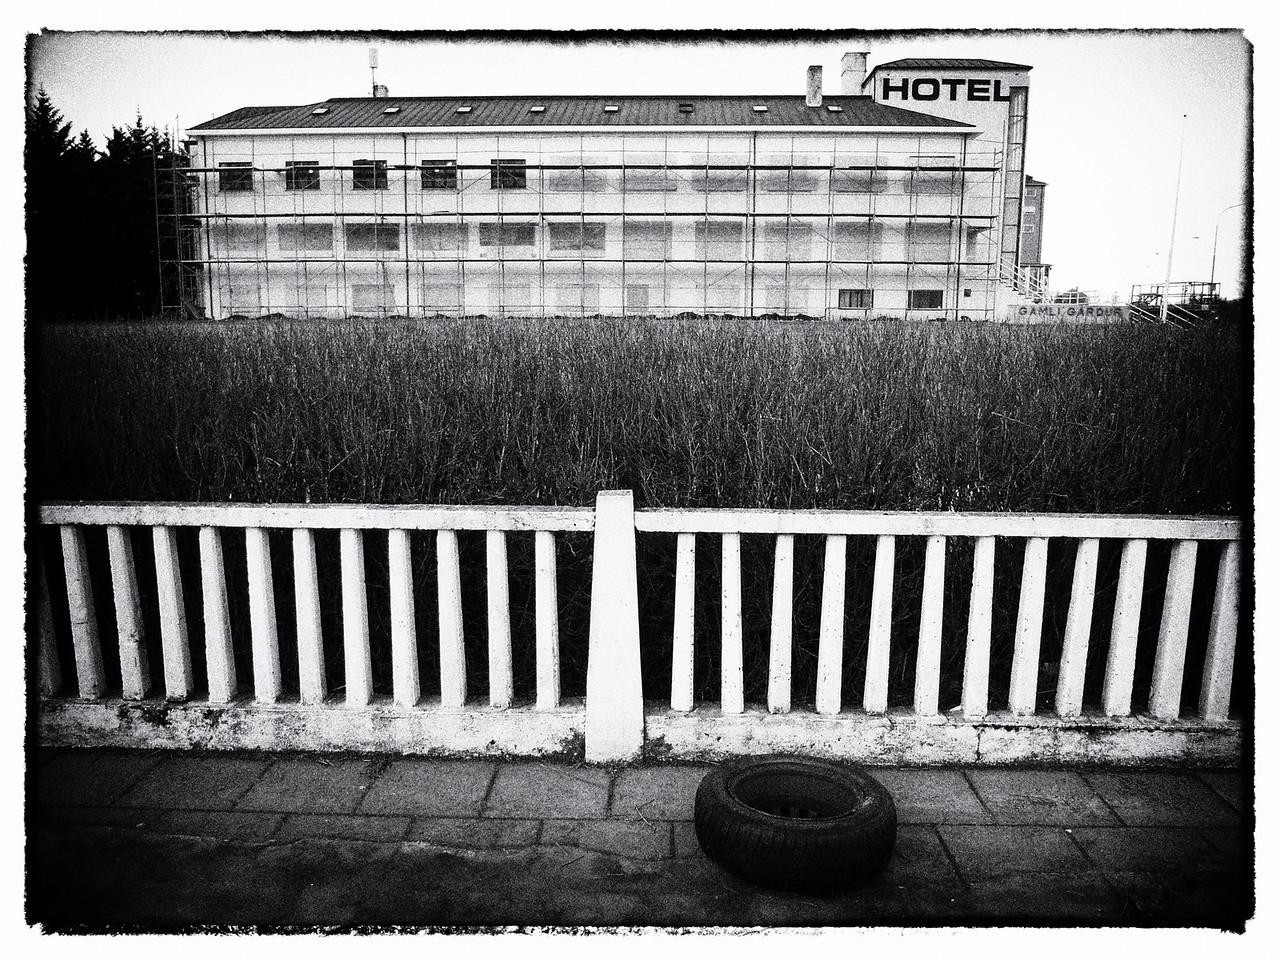 Bleak Hotel